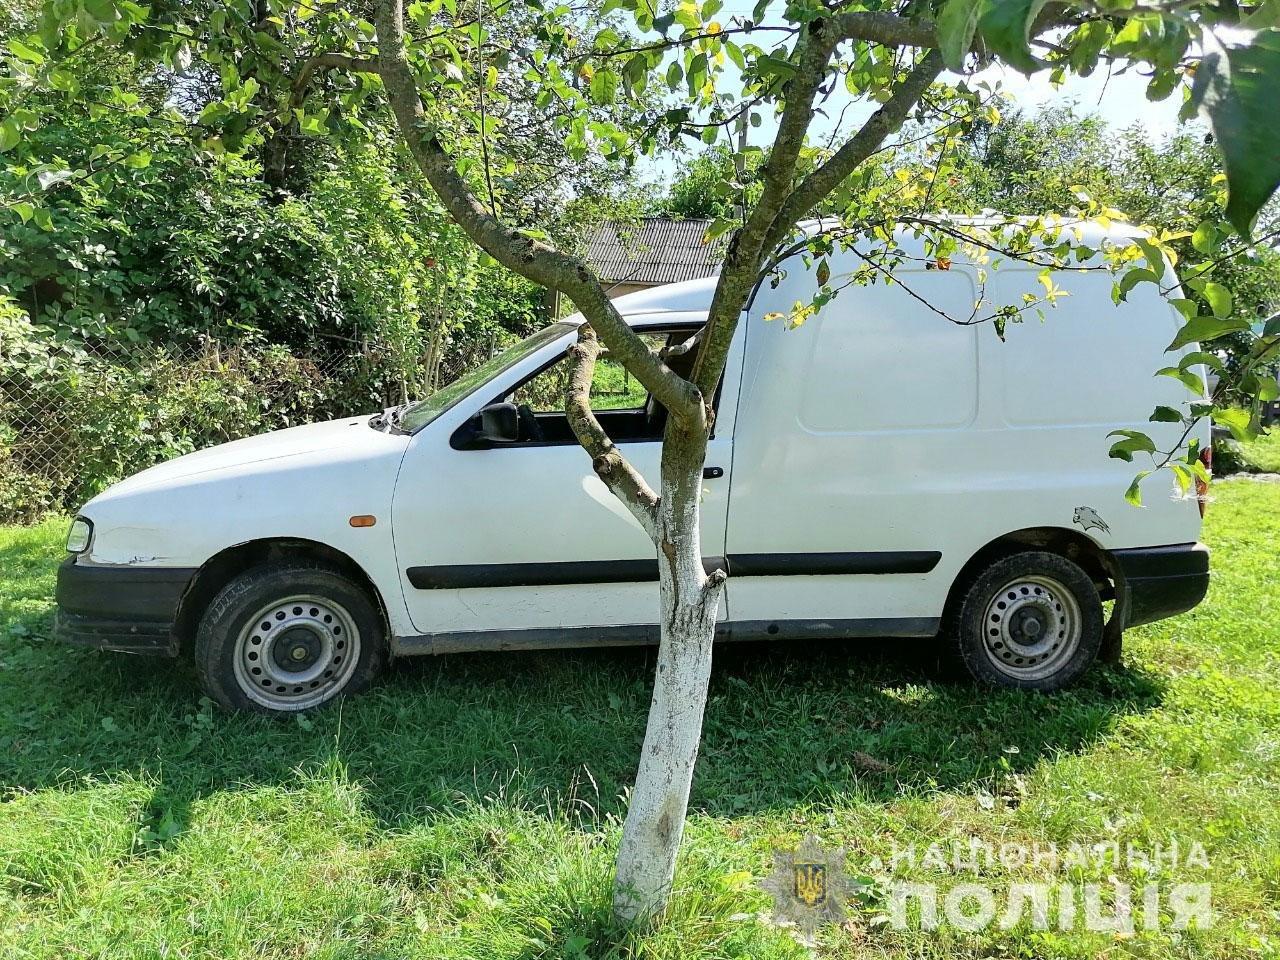 У Гощі чоловік припаркував автівку поруч роботи, коли ж повернувся, не виявив автомобіль, фото-1